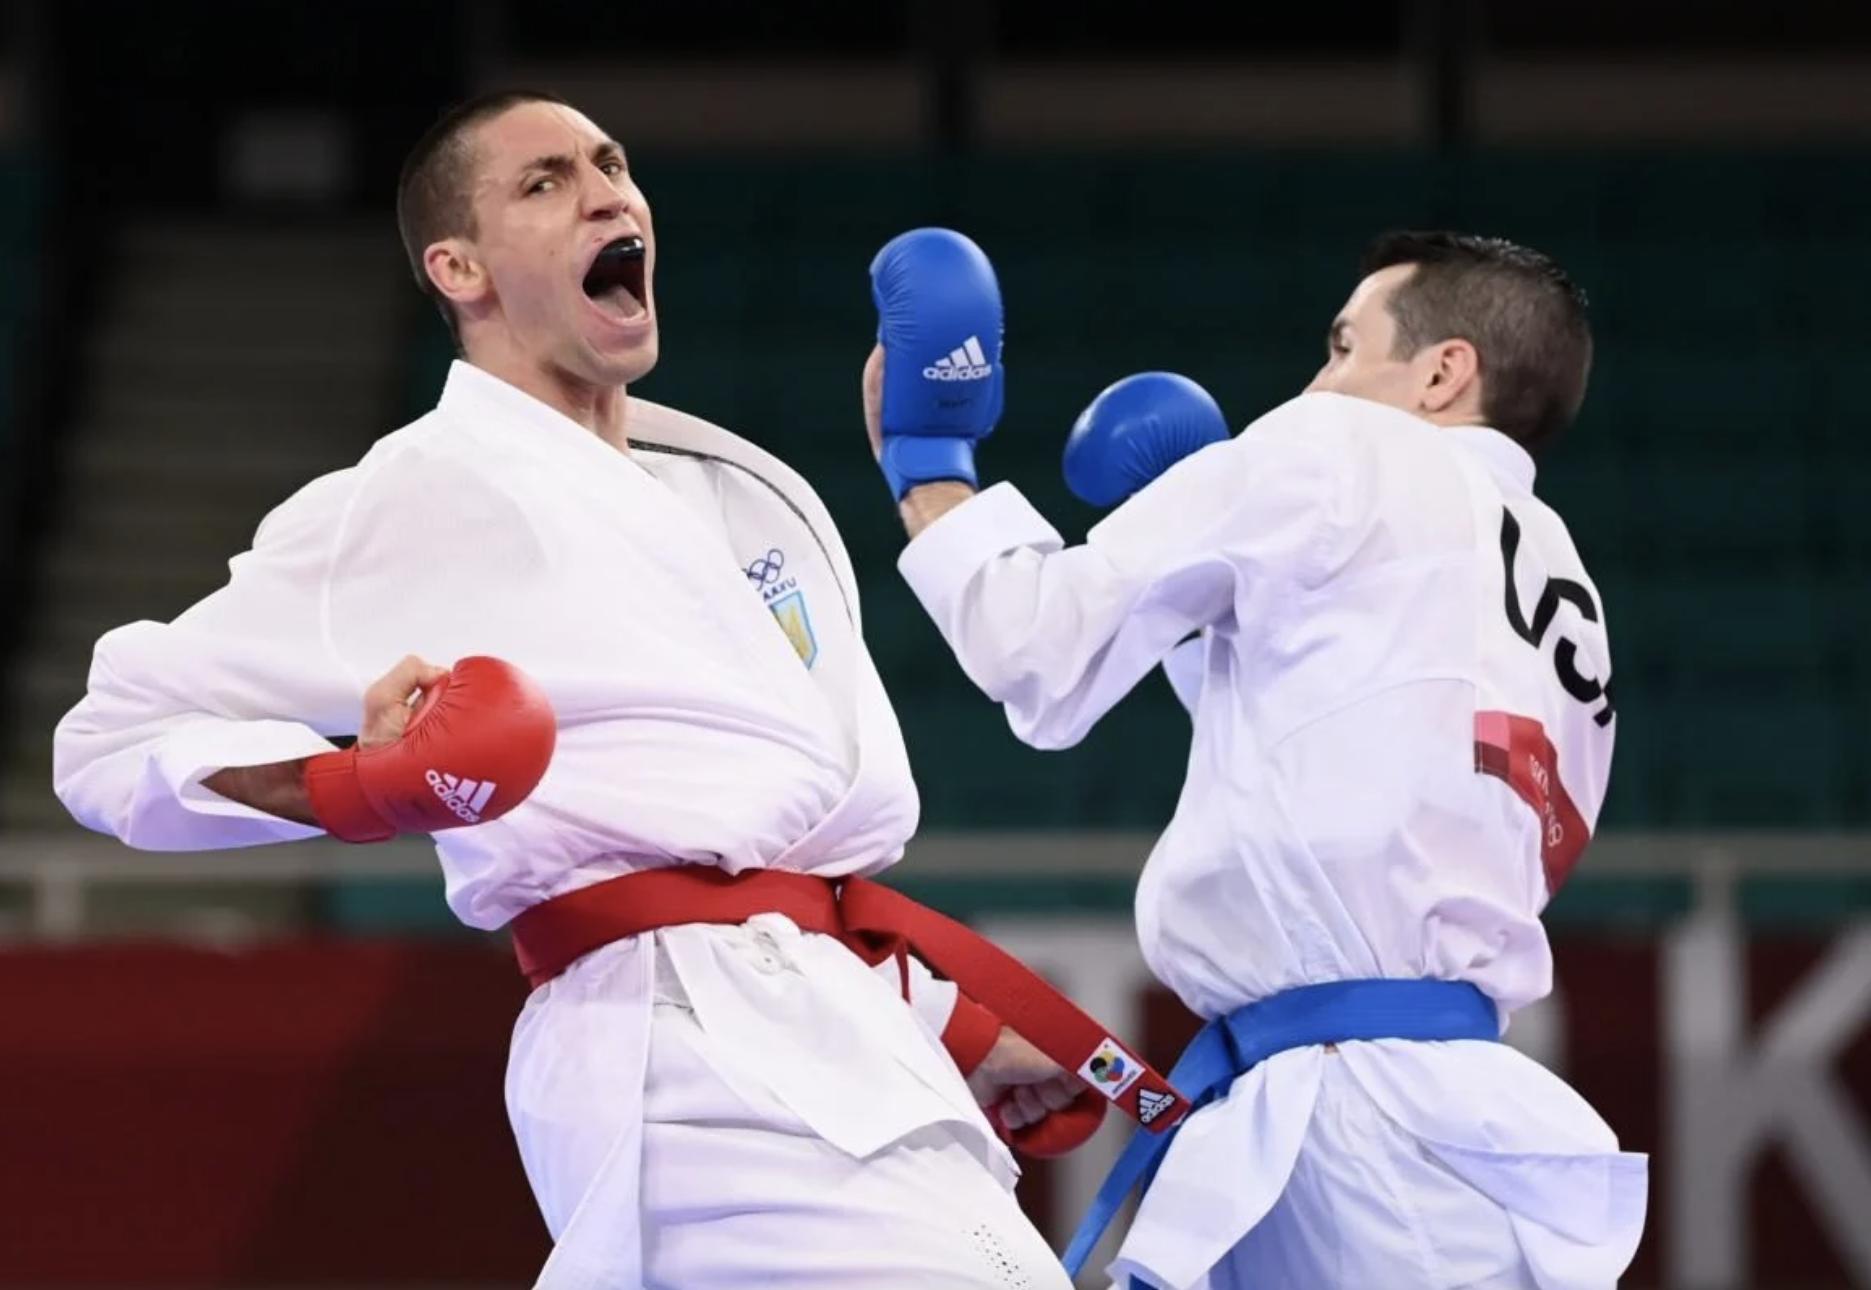 Стас Горуна завоевал десятую бронзовую медаль для Украины на Олимпиаде в Токио - фото №1